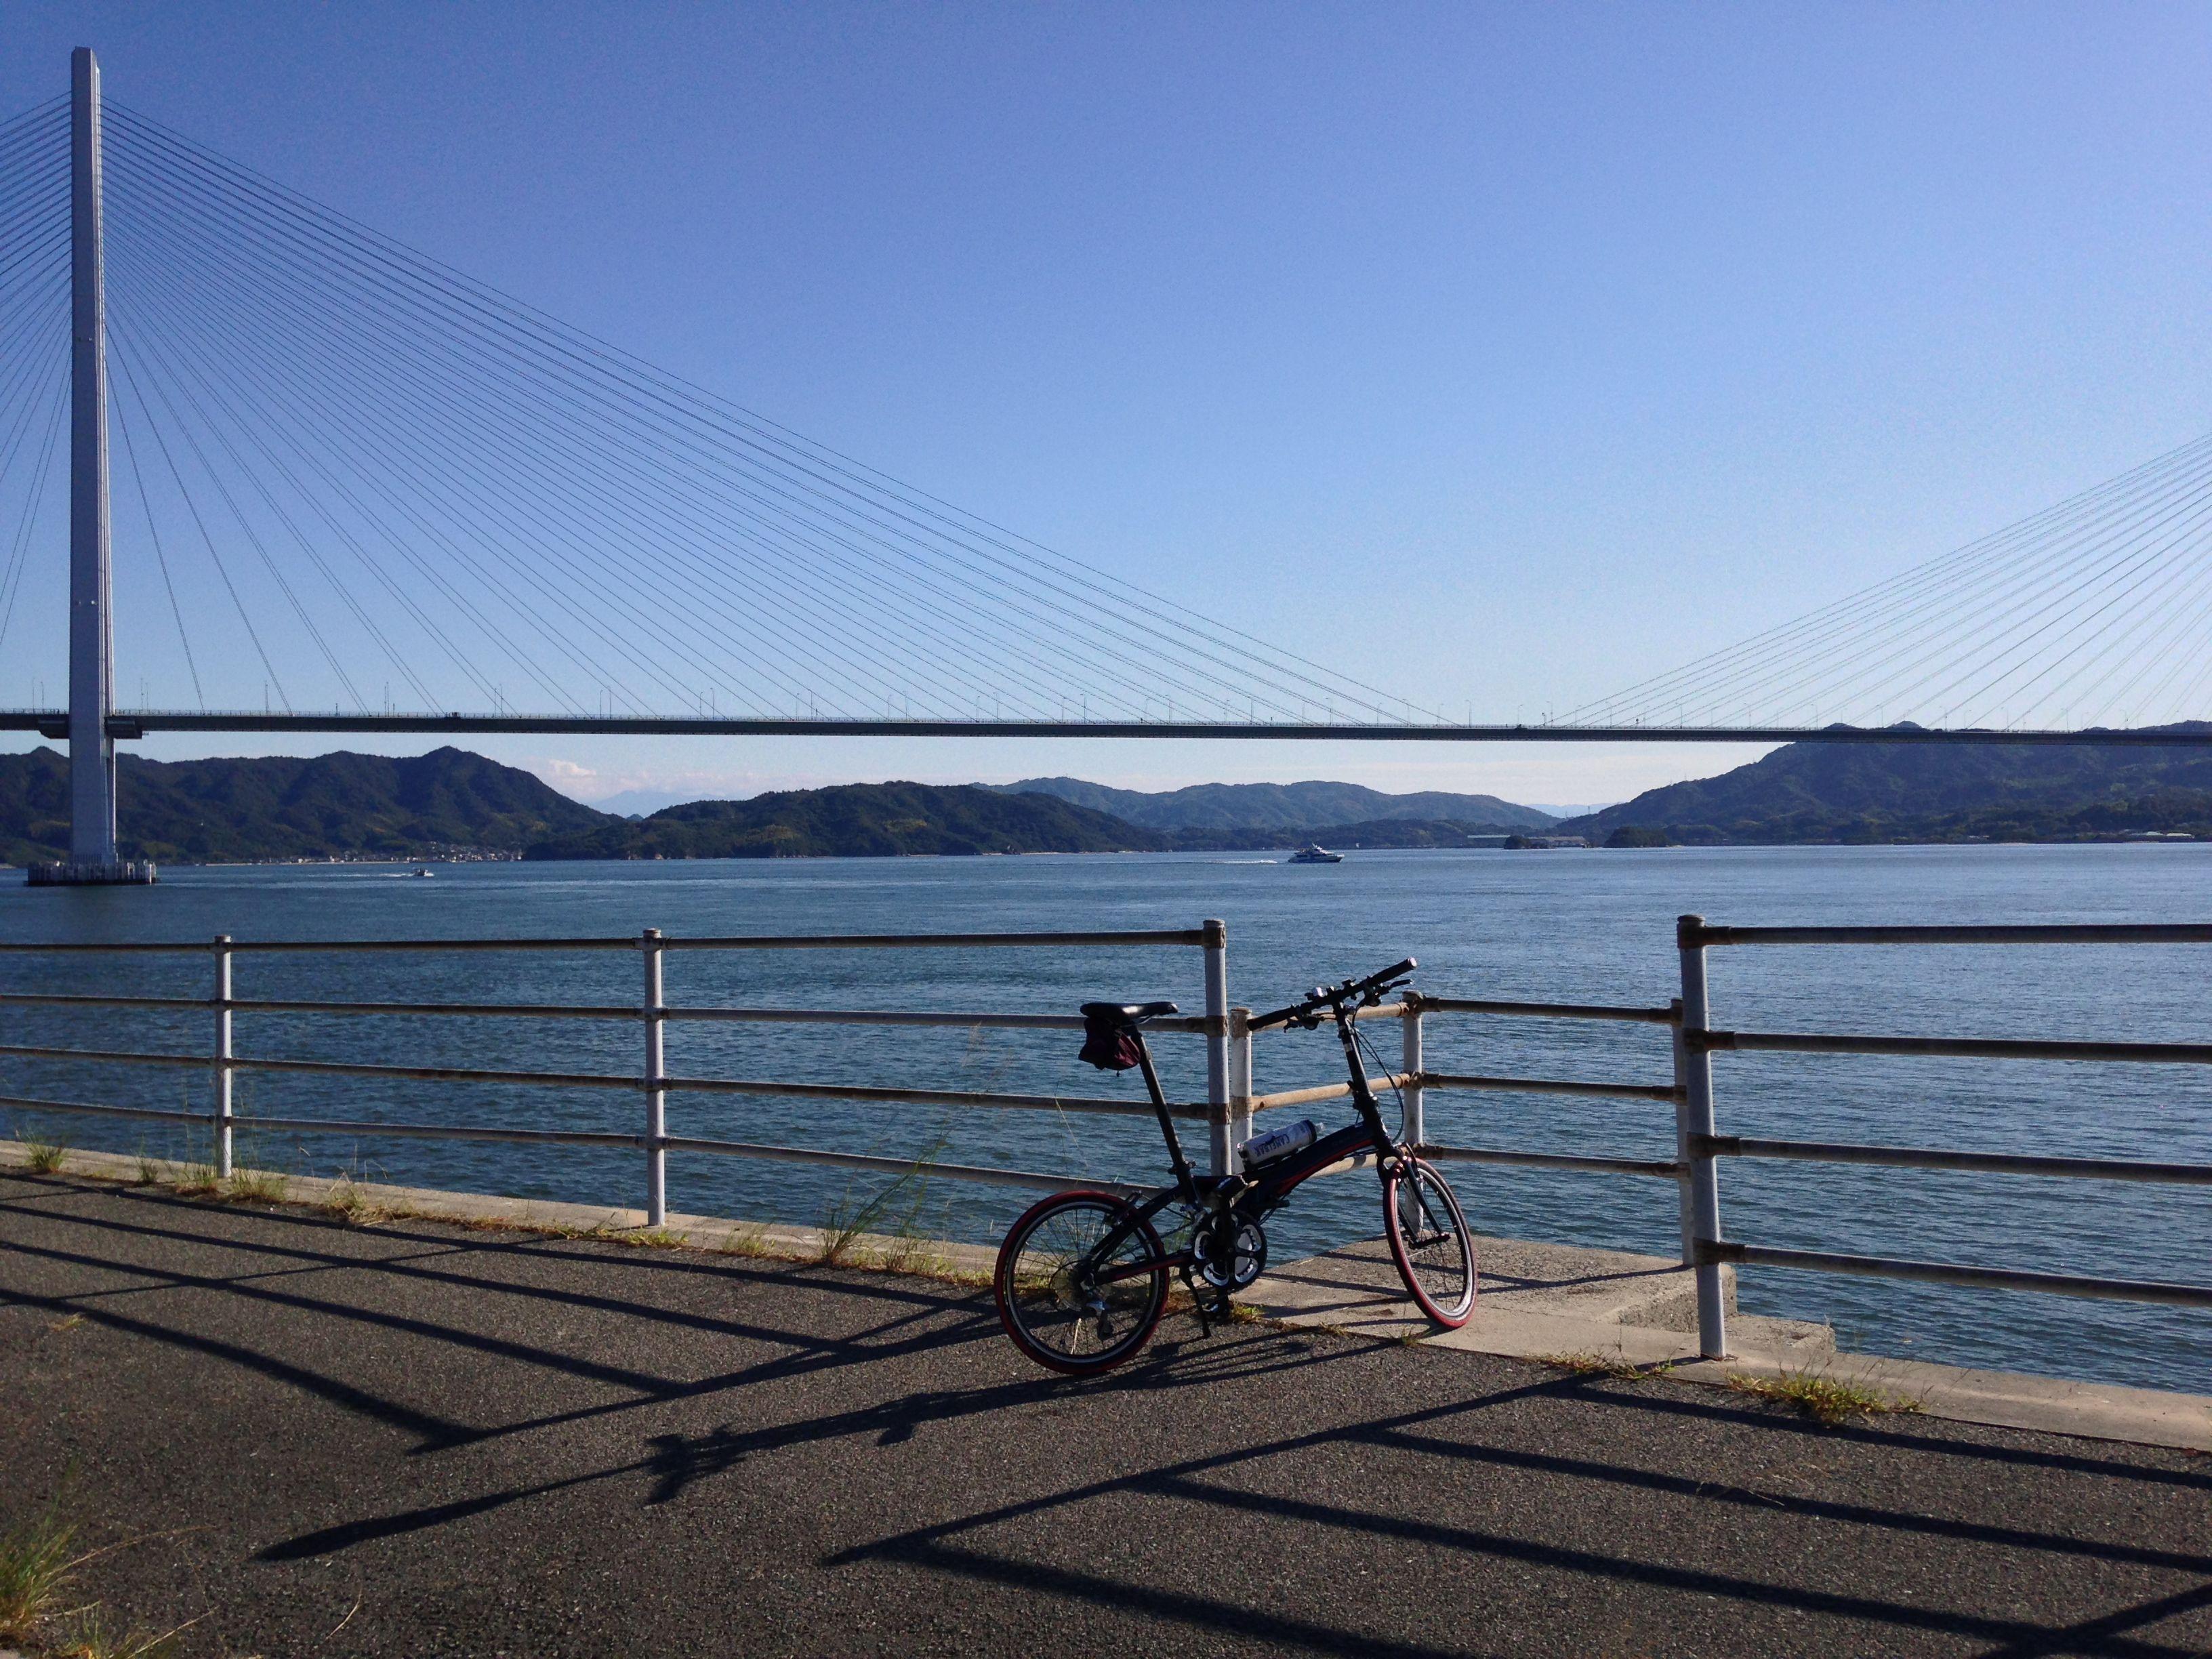 Copyright © マギー 様 / Visc.P20 2013 30h / 新幹線で初めて遠出の輪行。しまなみ・とびしま街道、尾道〜広島160km走破。気持ち良かった‼︎